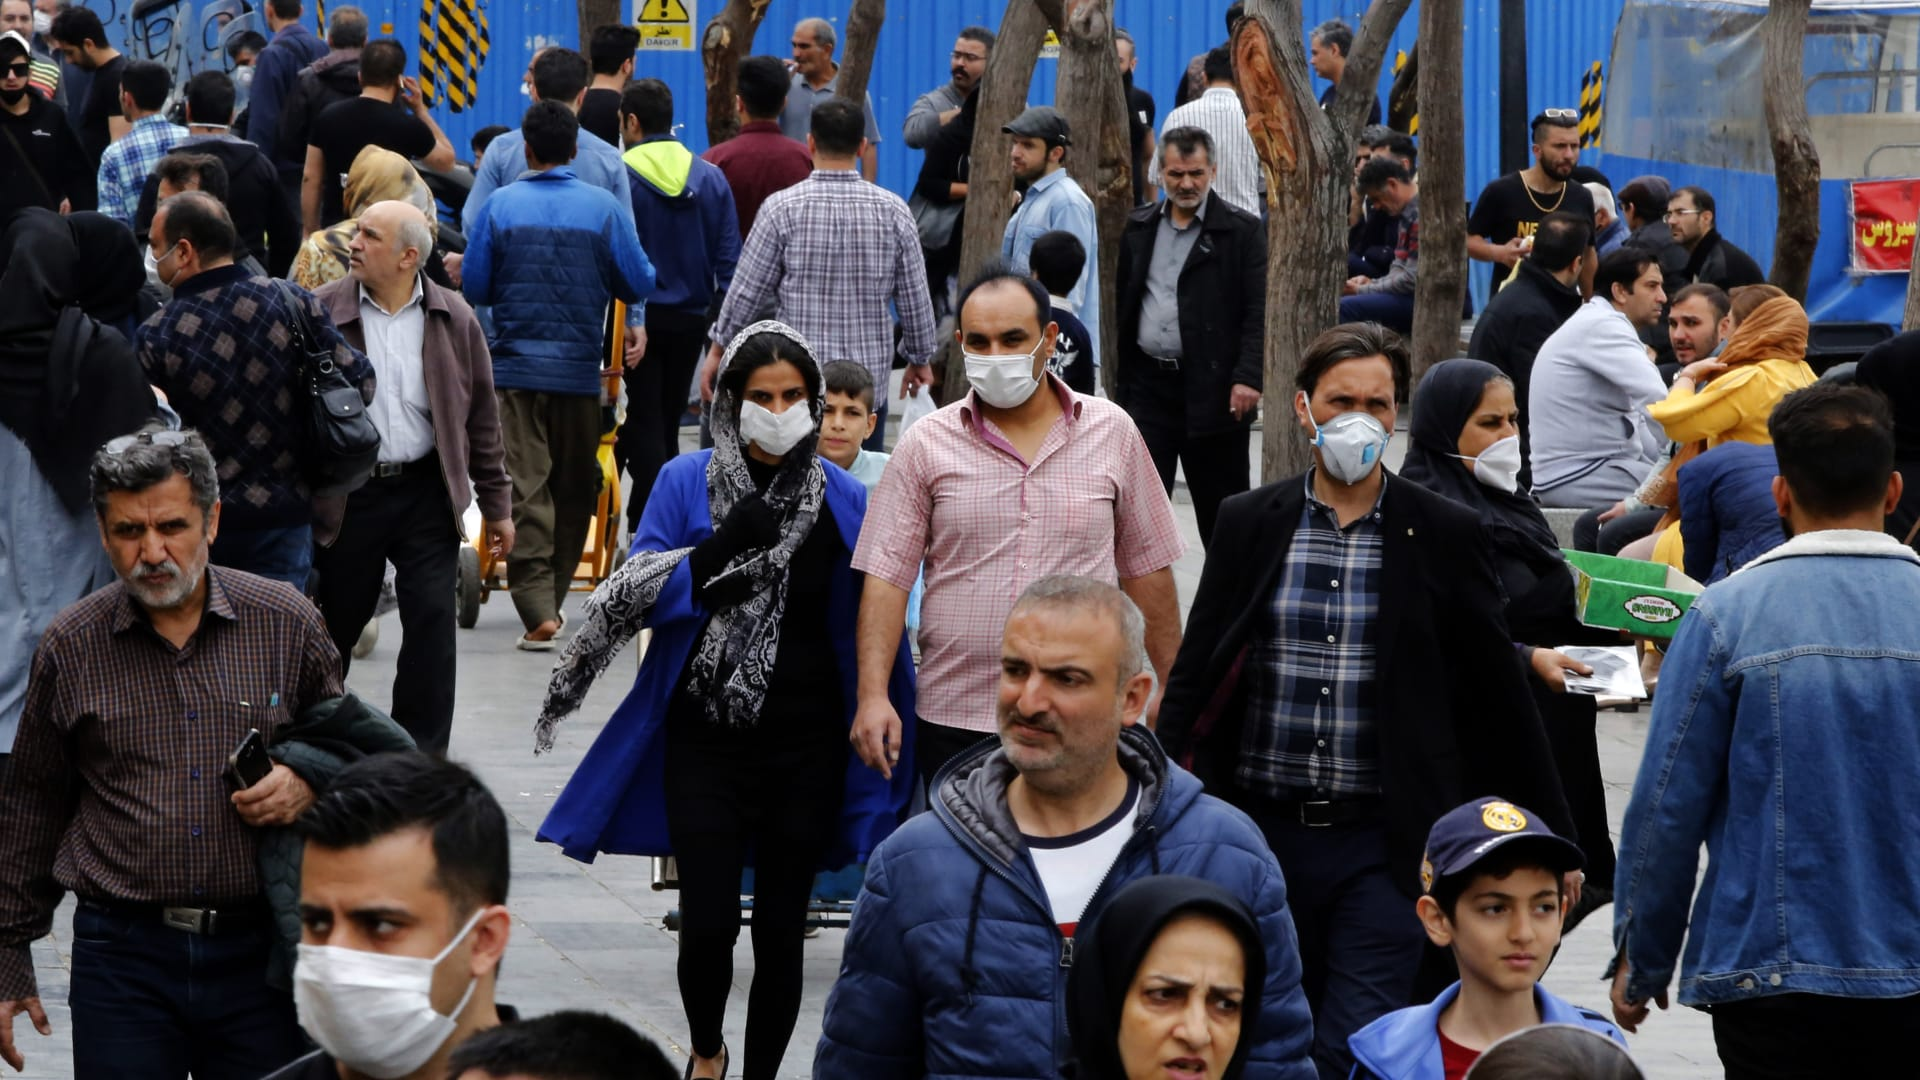 إيران تبني مستشفى مؤقت داخل مركز تجاري لمواجهة فيروس كورونا